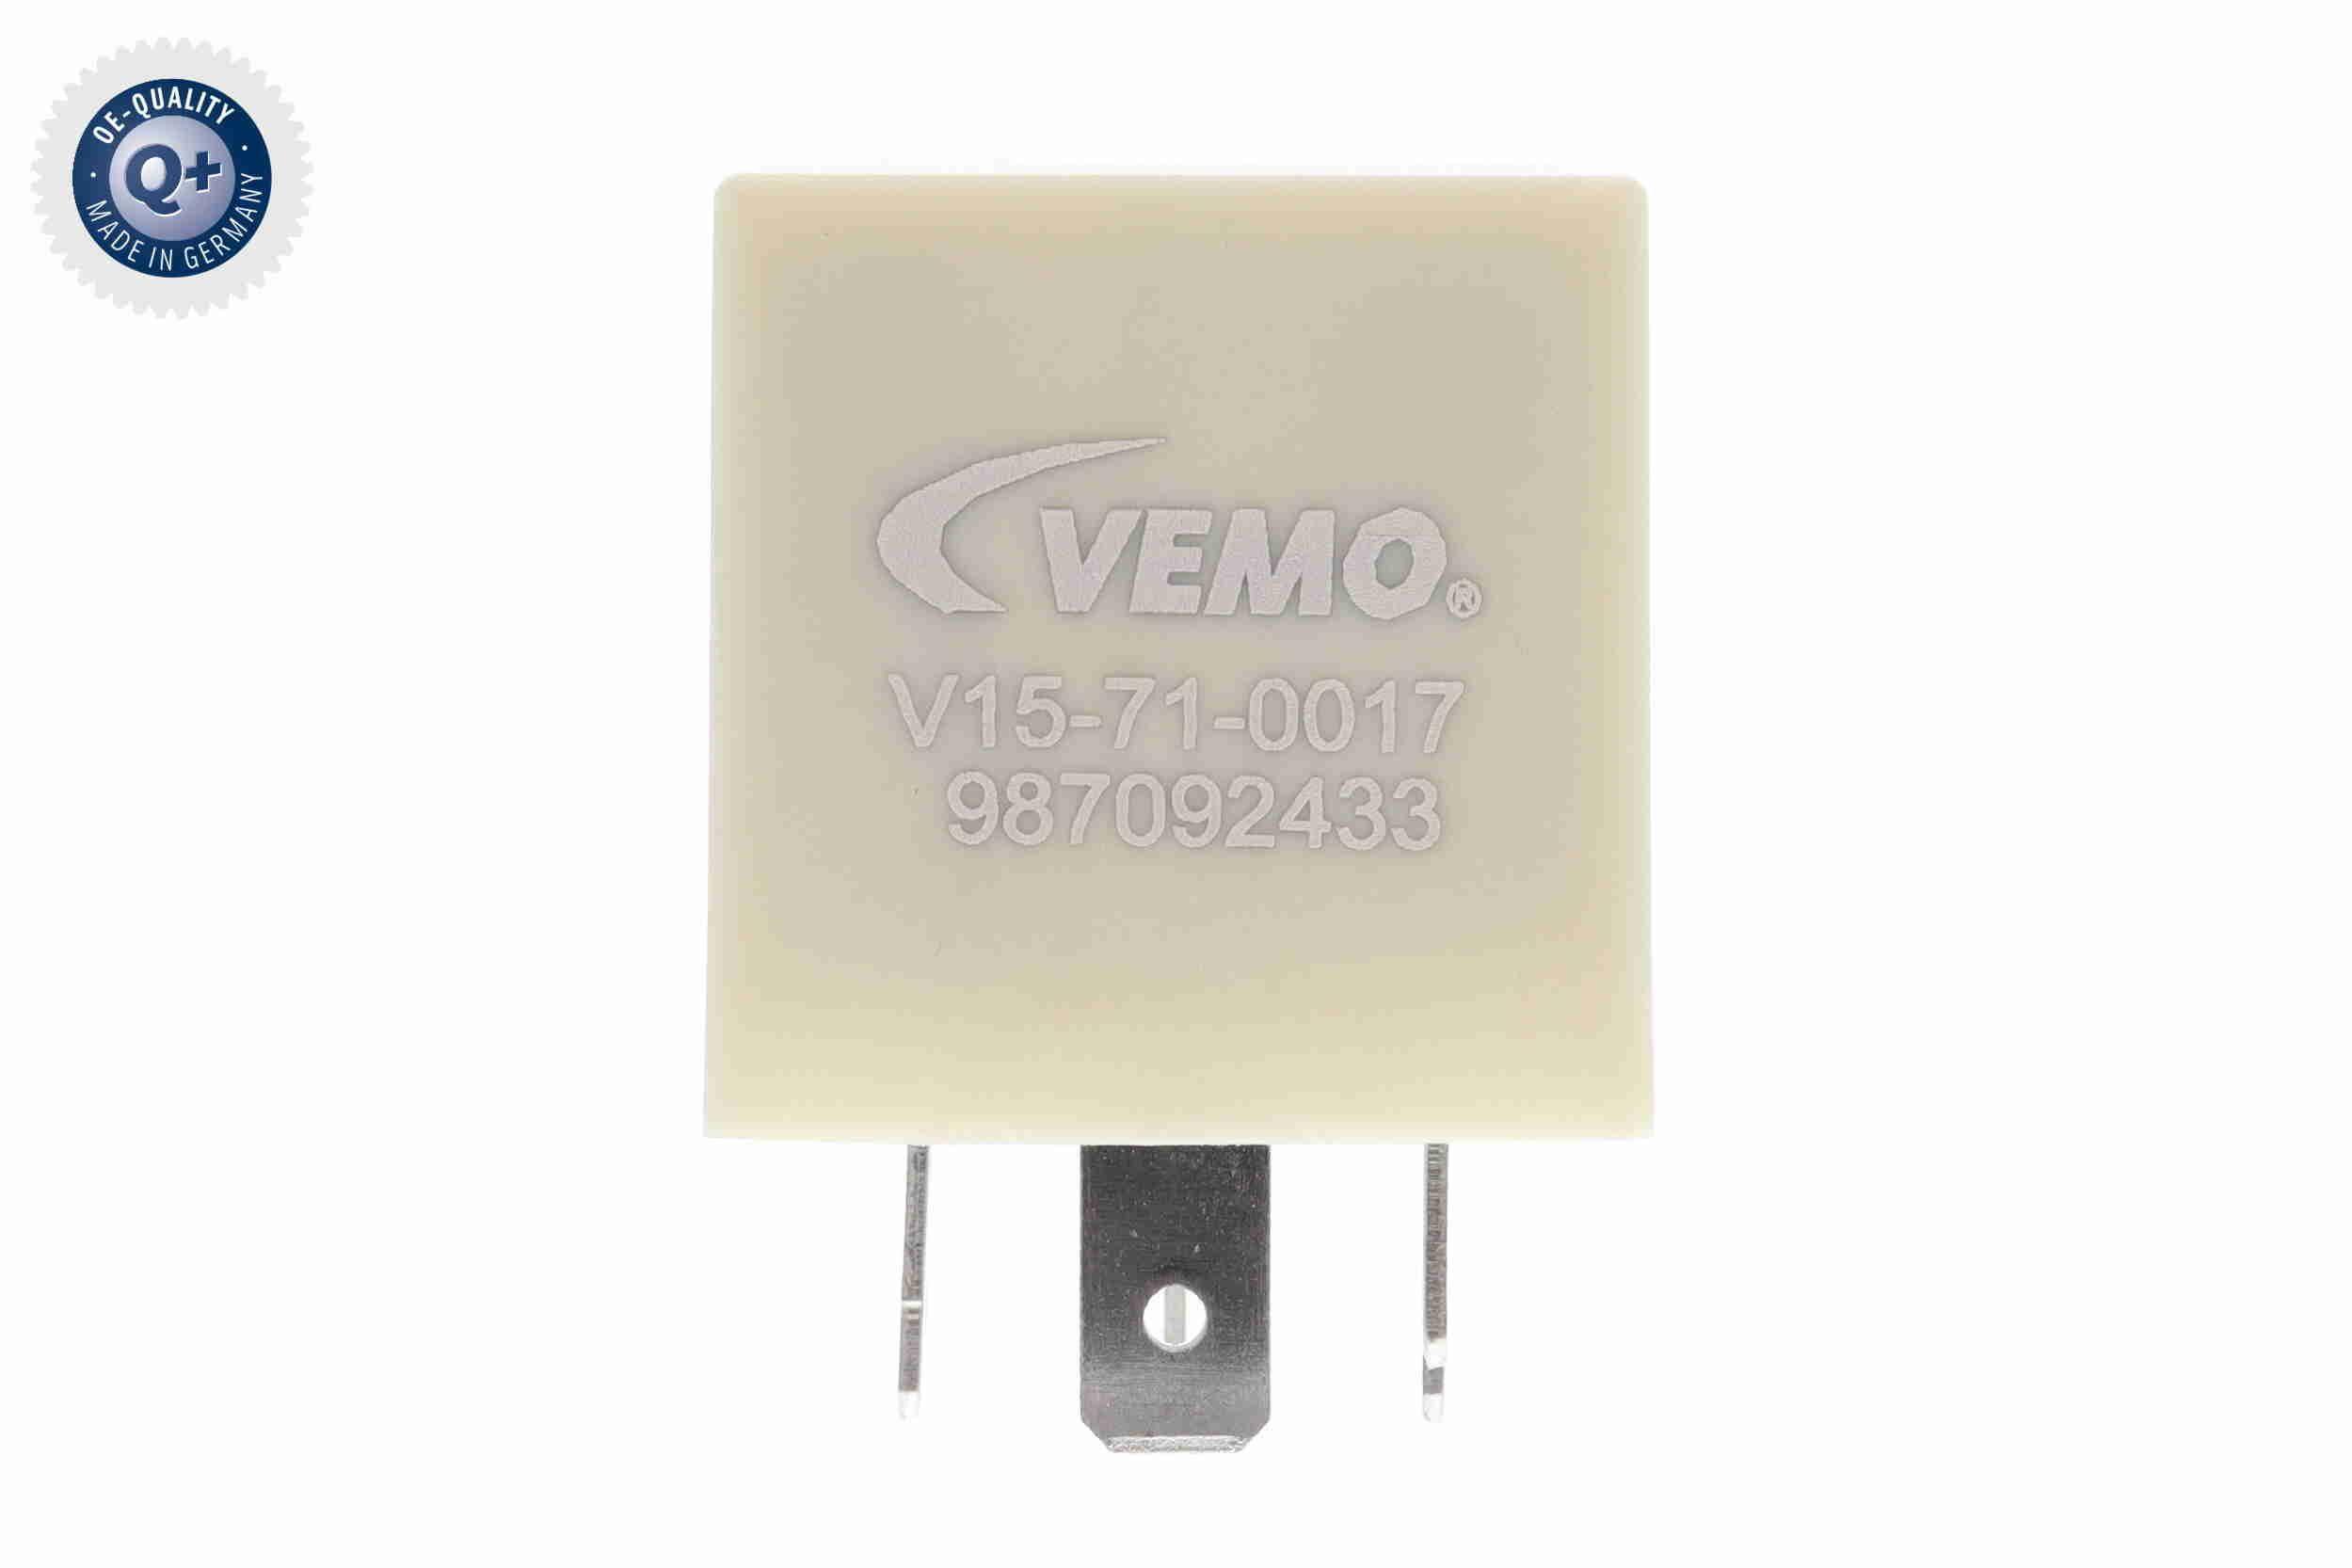 Relais, Kraftstoffpumpe V15-71-0017 von VEMO